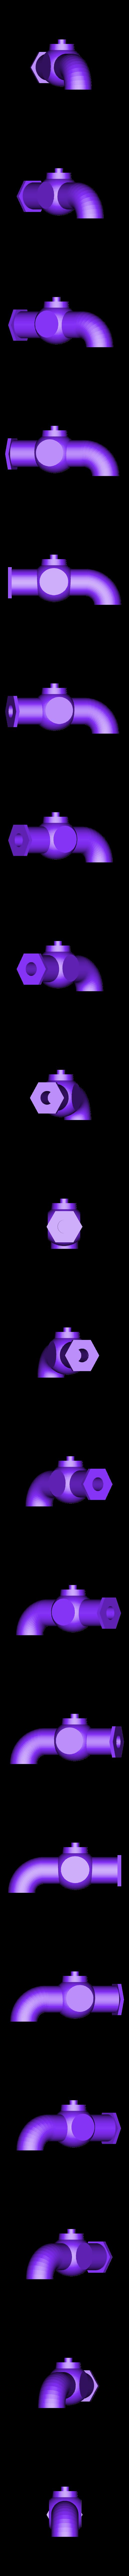 Faucet_body.stl Télécharger fichier STL gratuit Robinet magique • Objet pour impression 3D, Hazon_Maker